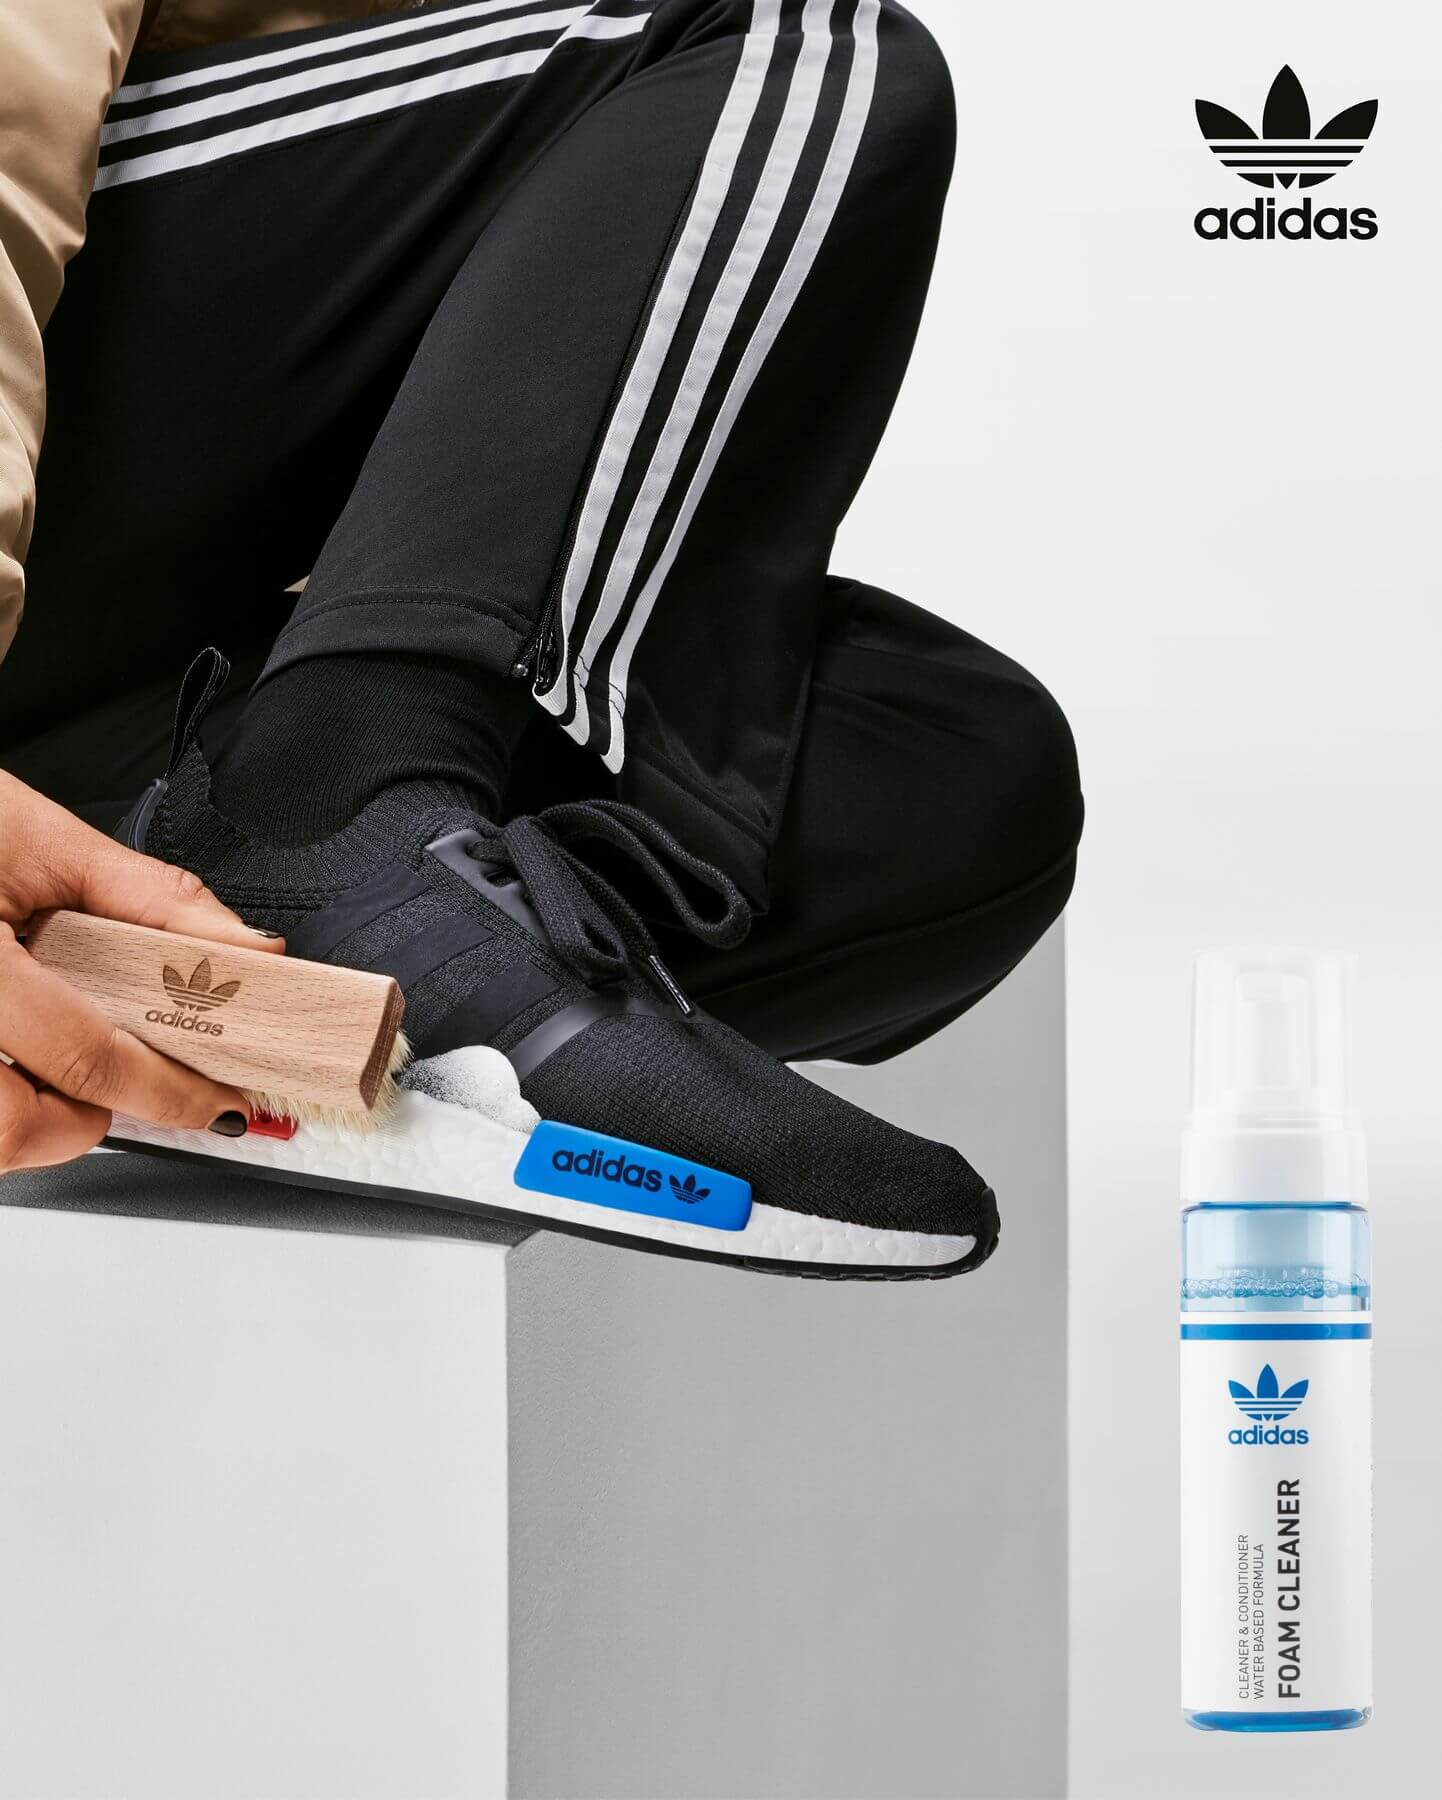 adidas Shoe Care - Sneaker Foam Cleaner